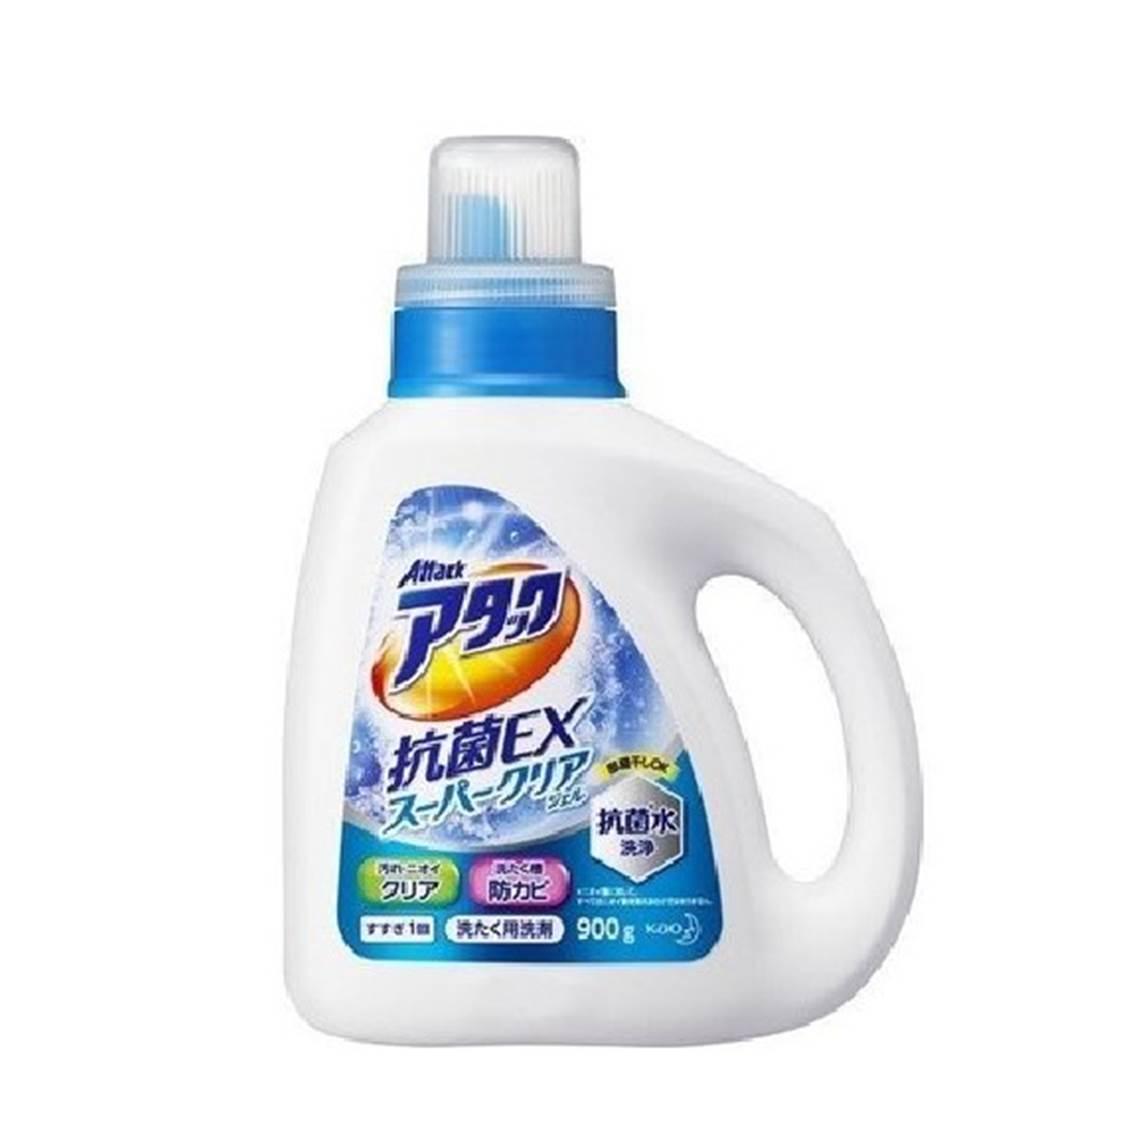 花王Attack 抗菌EX 洗衣液